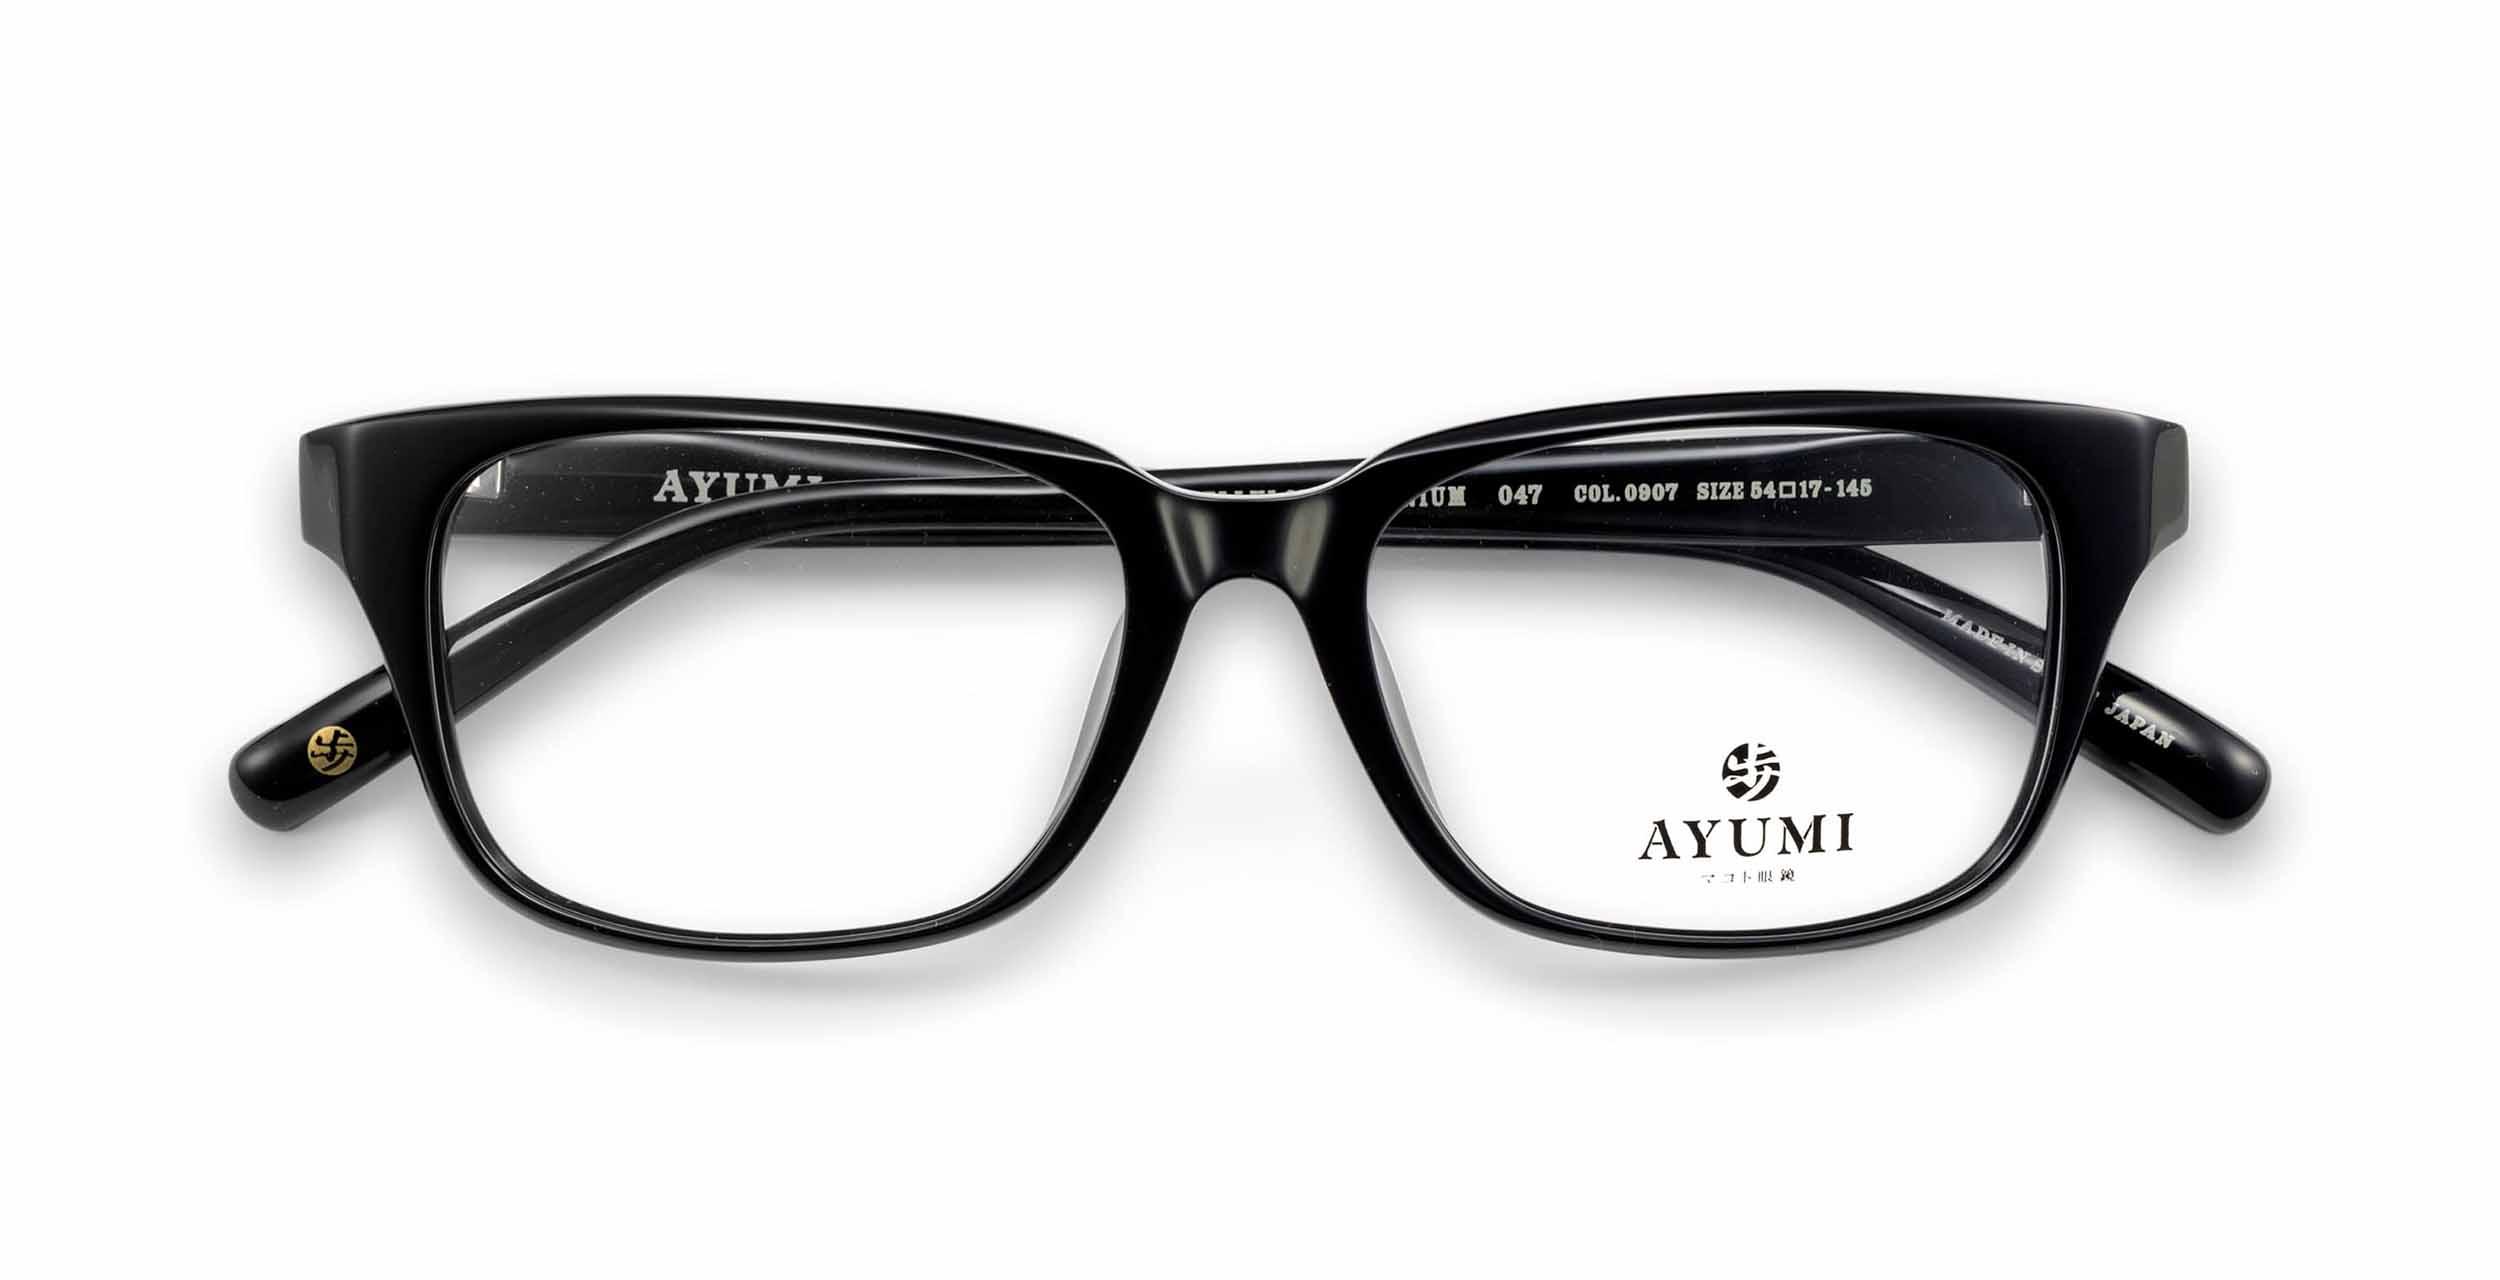 AYUMI-R (レギュラーシリーズ)